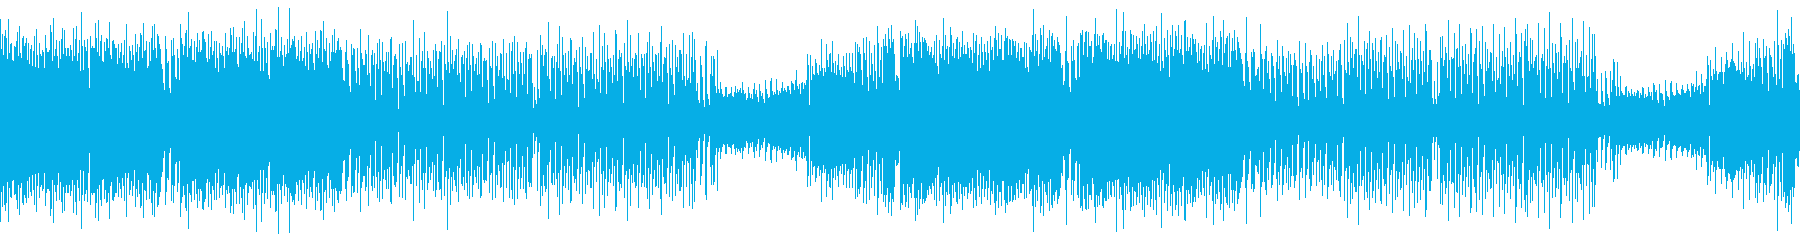 爽やかパワフル・スポーツEDMの再生済みの波形